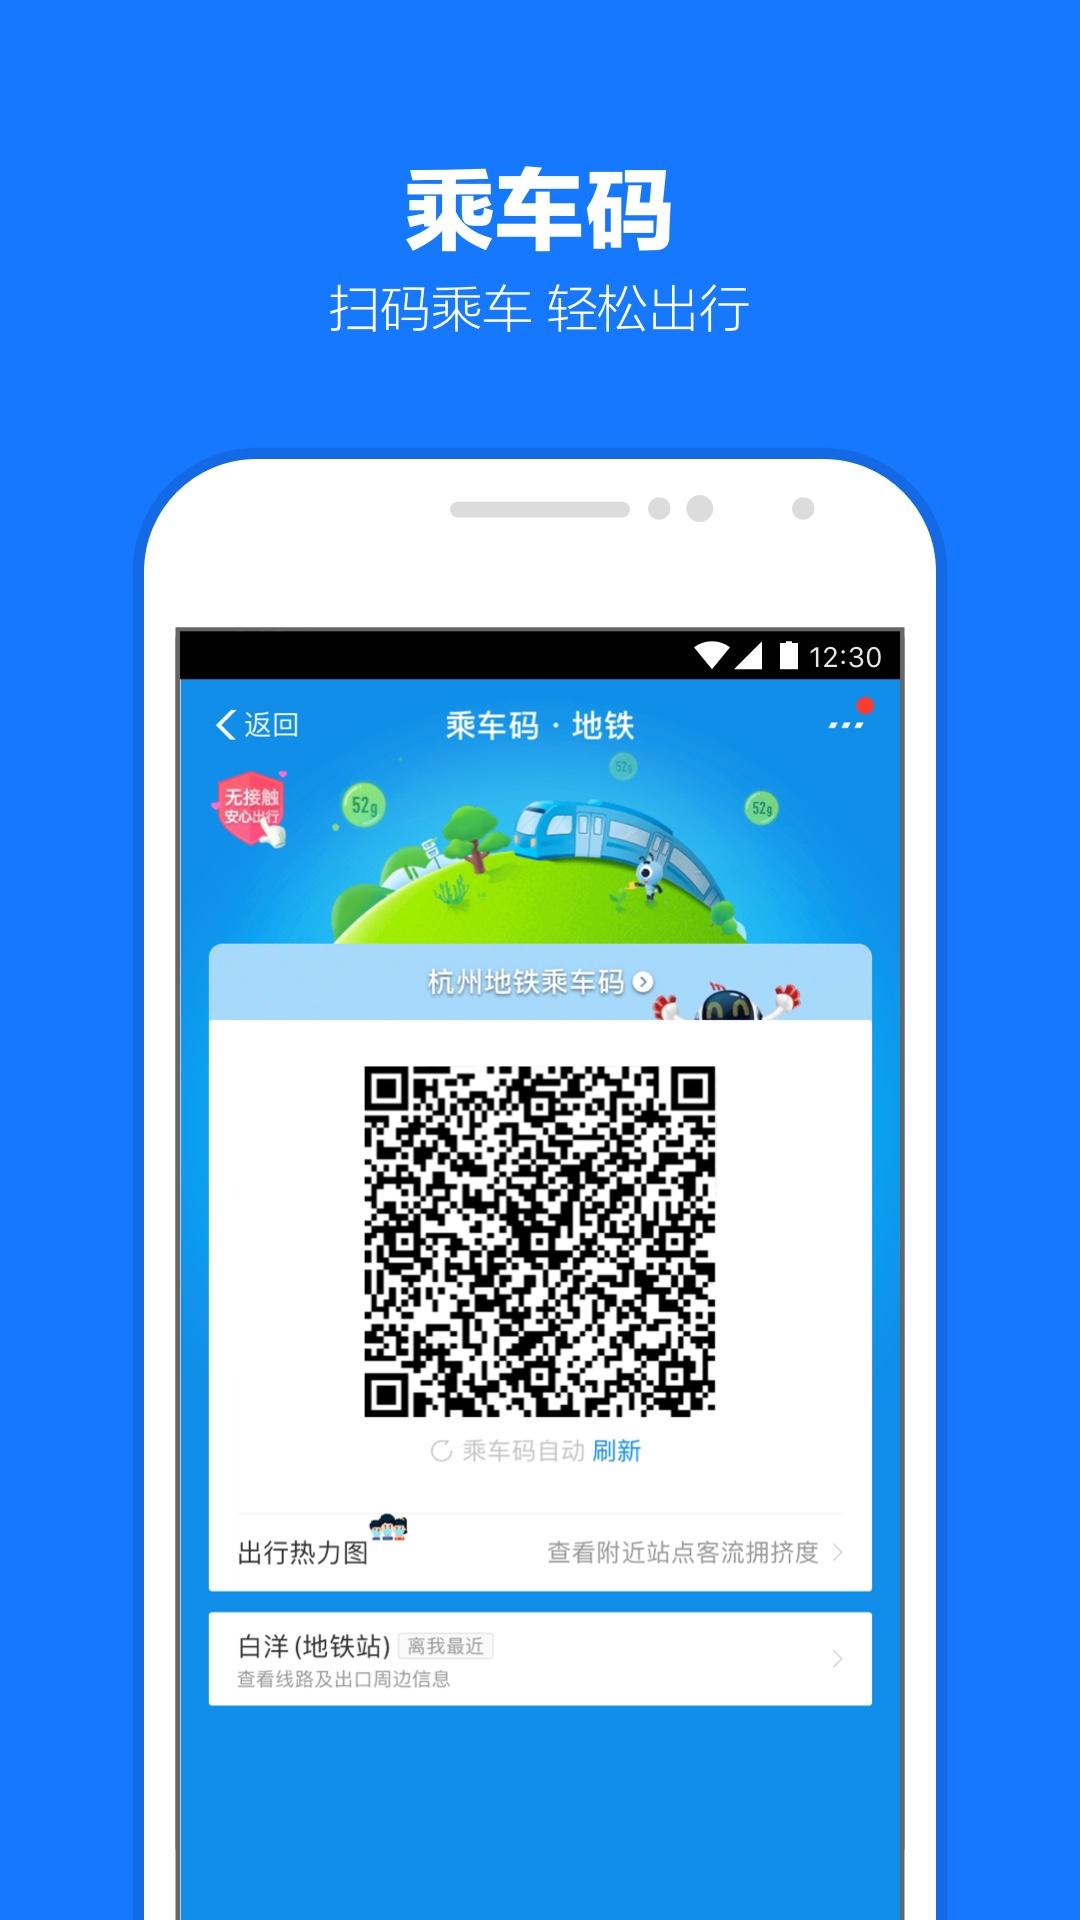 支付寶免費下載_華為應用市場|支付寶安卓版(10.1.88.7000)下載